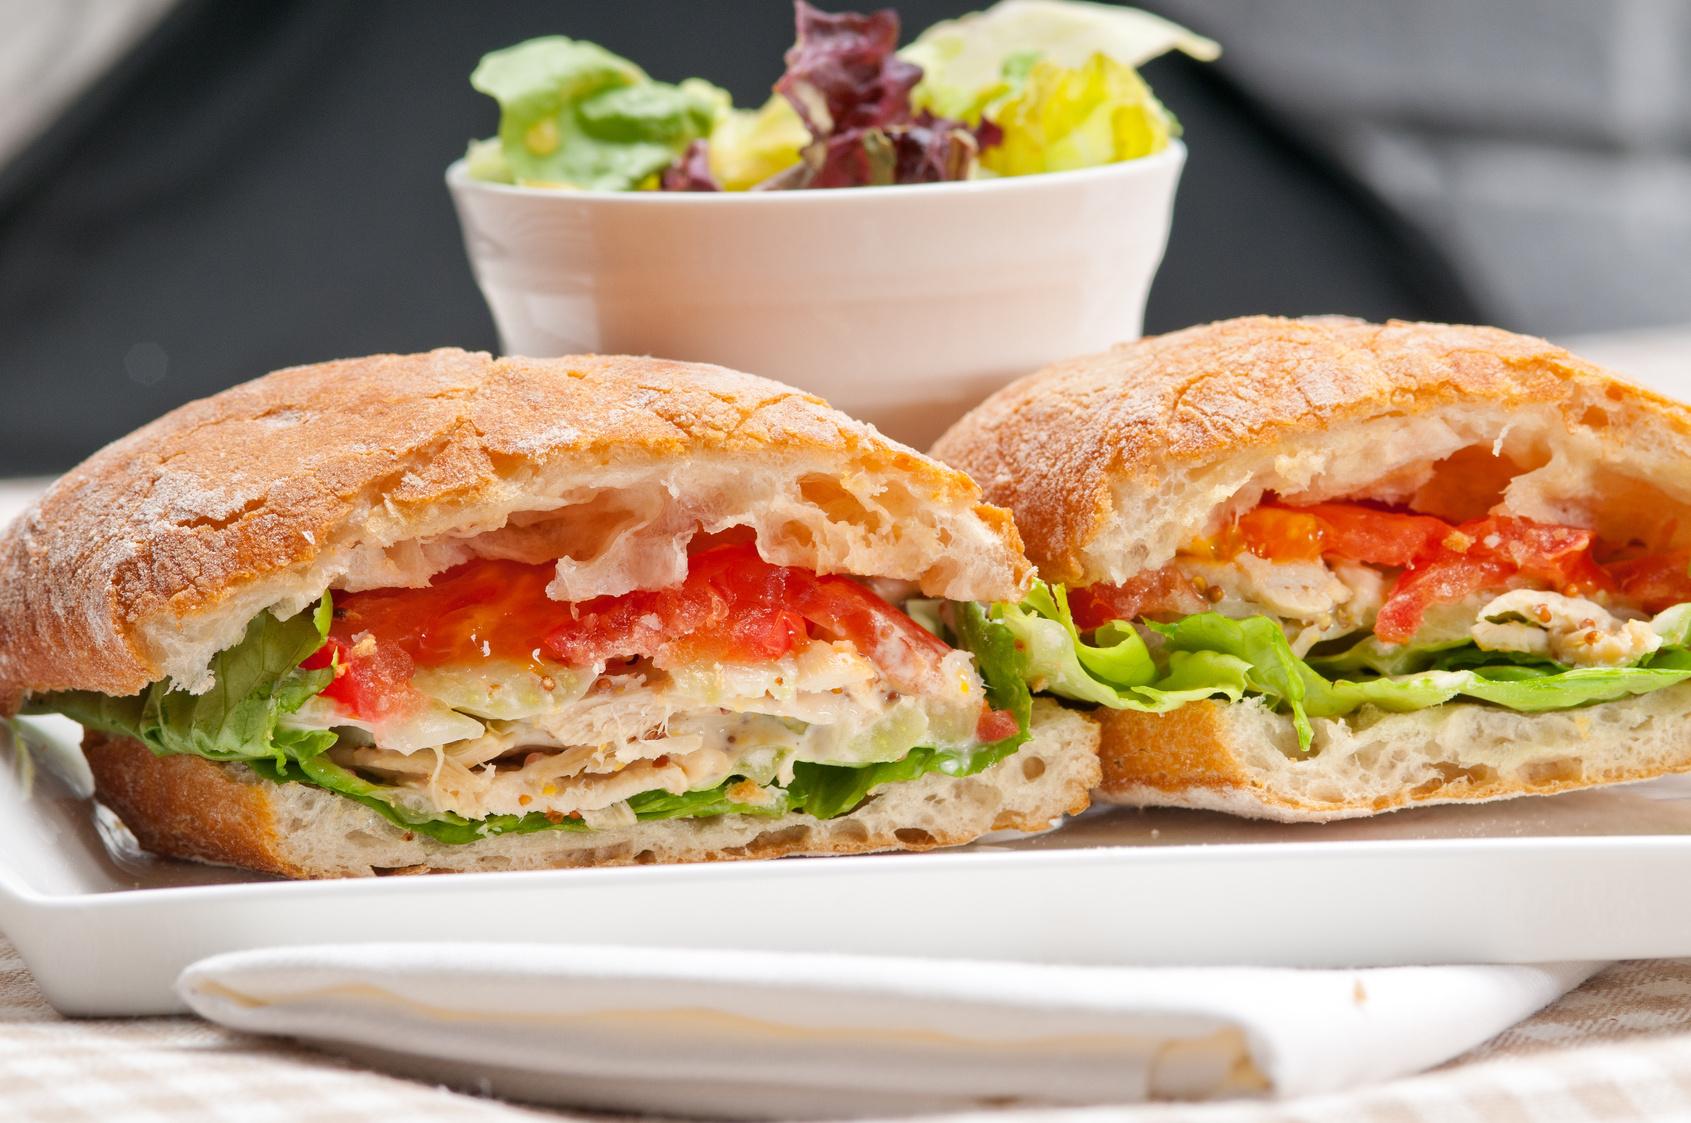 Snack-Crêperie en affaire de jour avec 100 places face à la mer proche Monaco.  - Crêperie Pizzeria